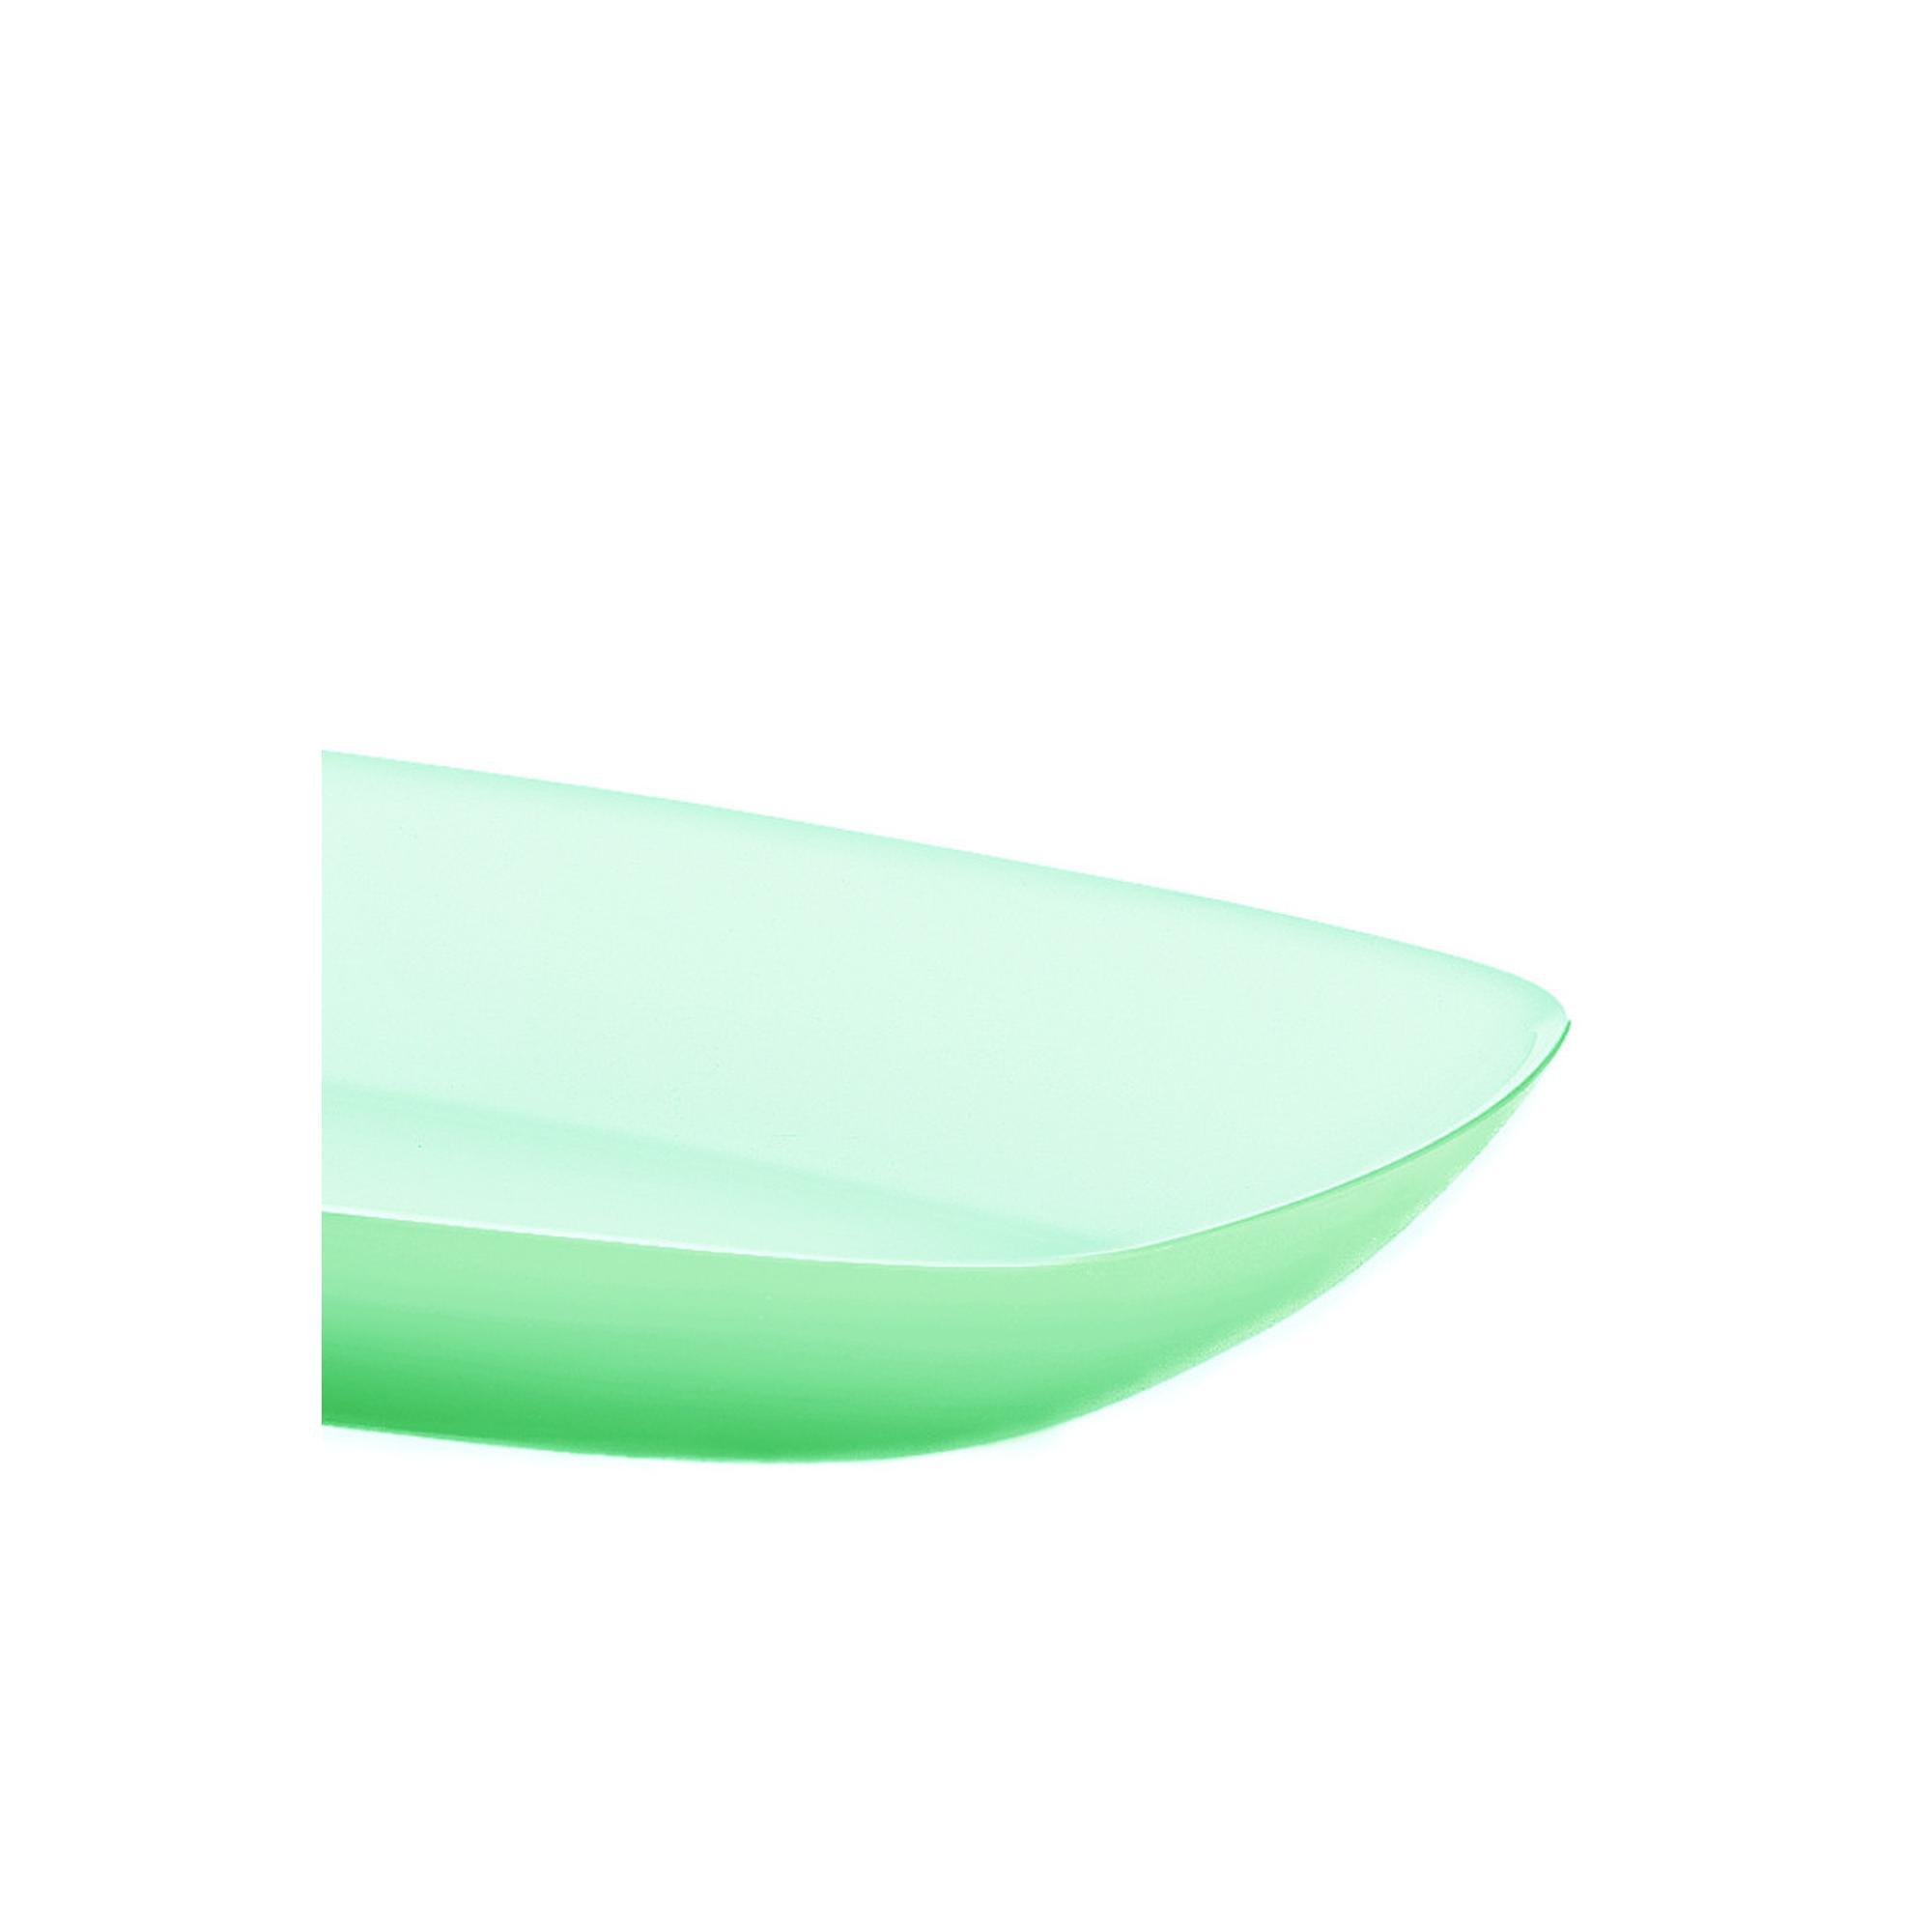 10 x grandi dimensioni Vassoio Semi 52cm verde con fori rigido forte Vassoio Propagatore